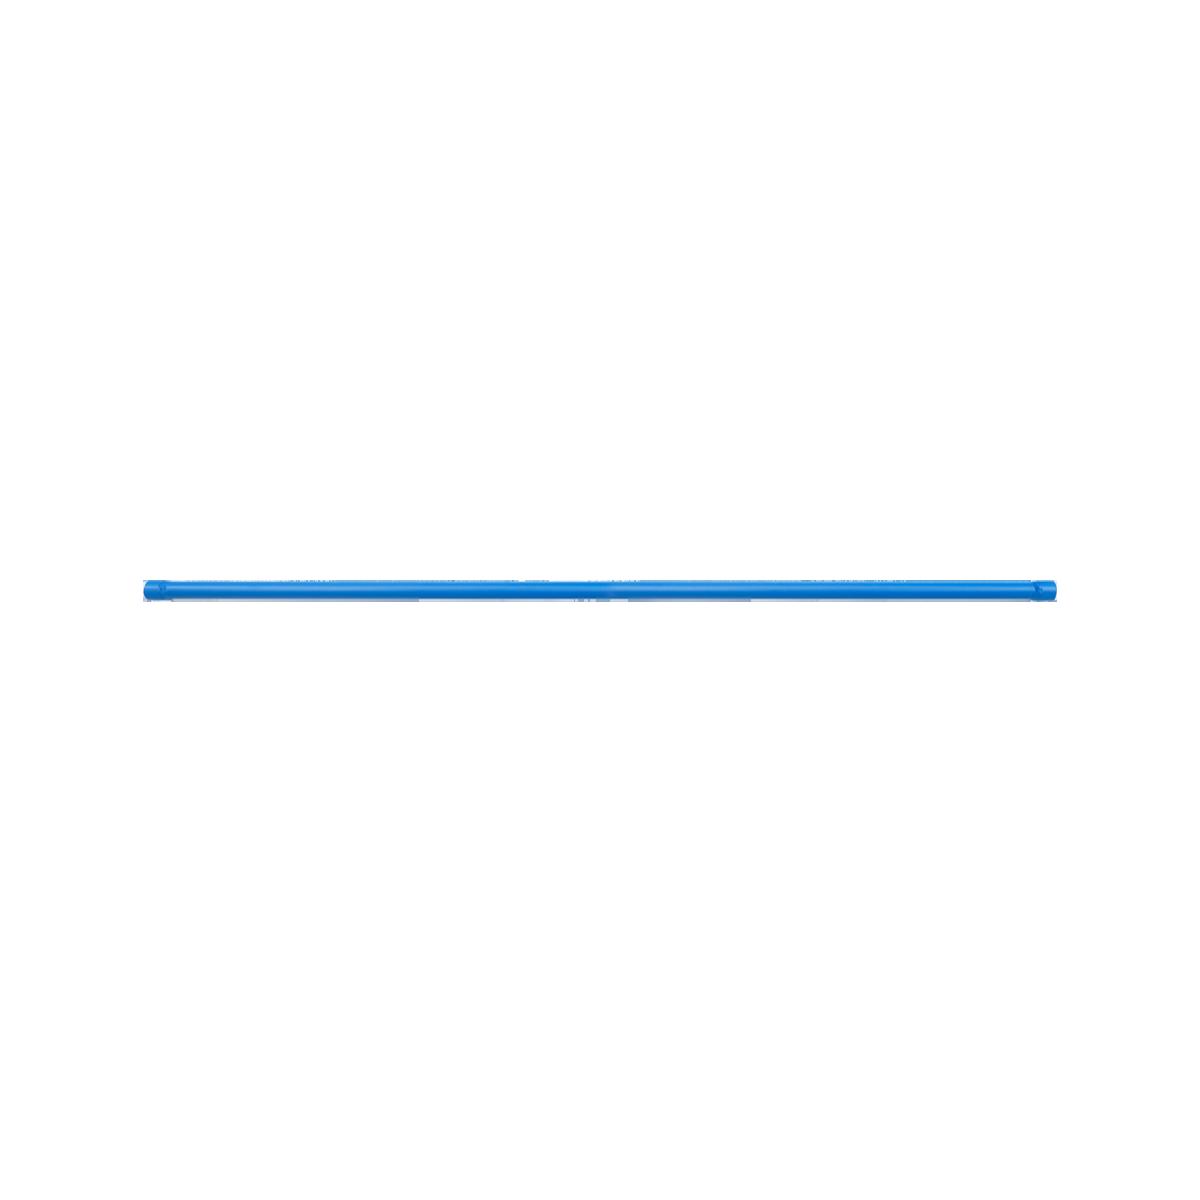 ΣΩΛΗΝΑΣ-ΣΥΝΔΕΣΗΣ_-ΜΟΝΟΖΥΓΟΥ-Φ33--x-1,8-x-1820mm.png